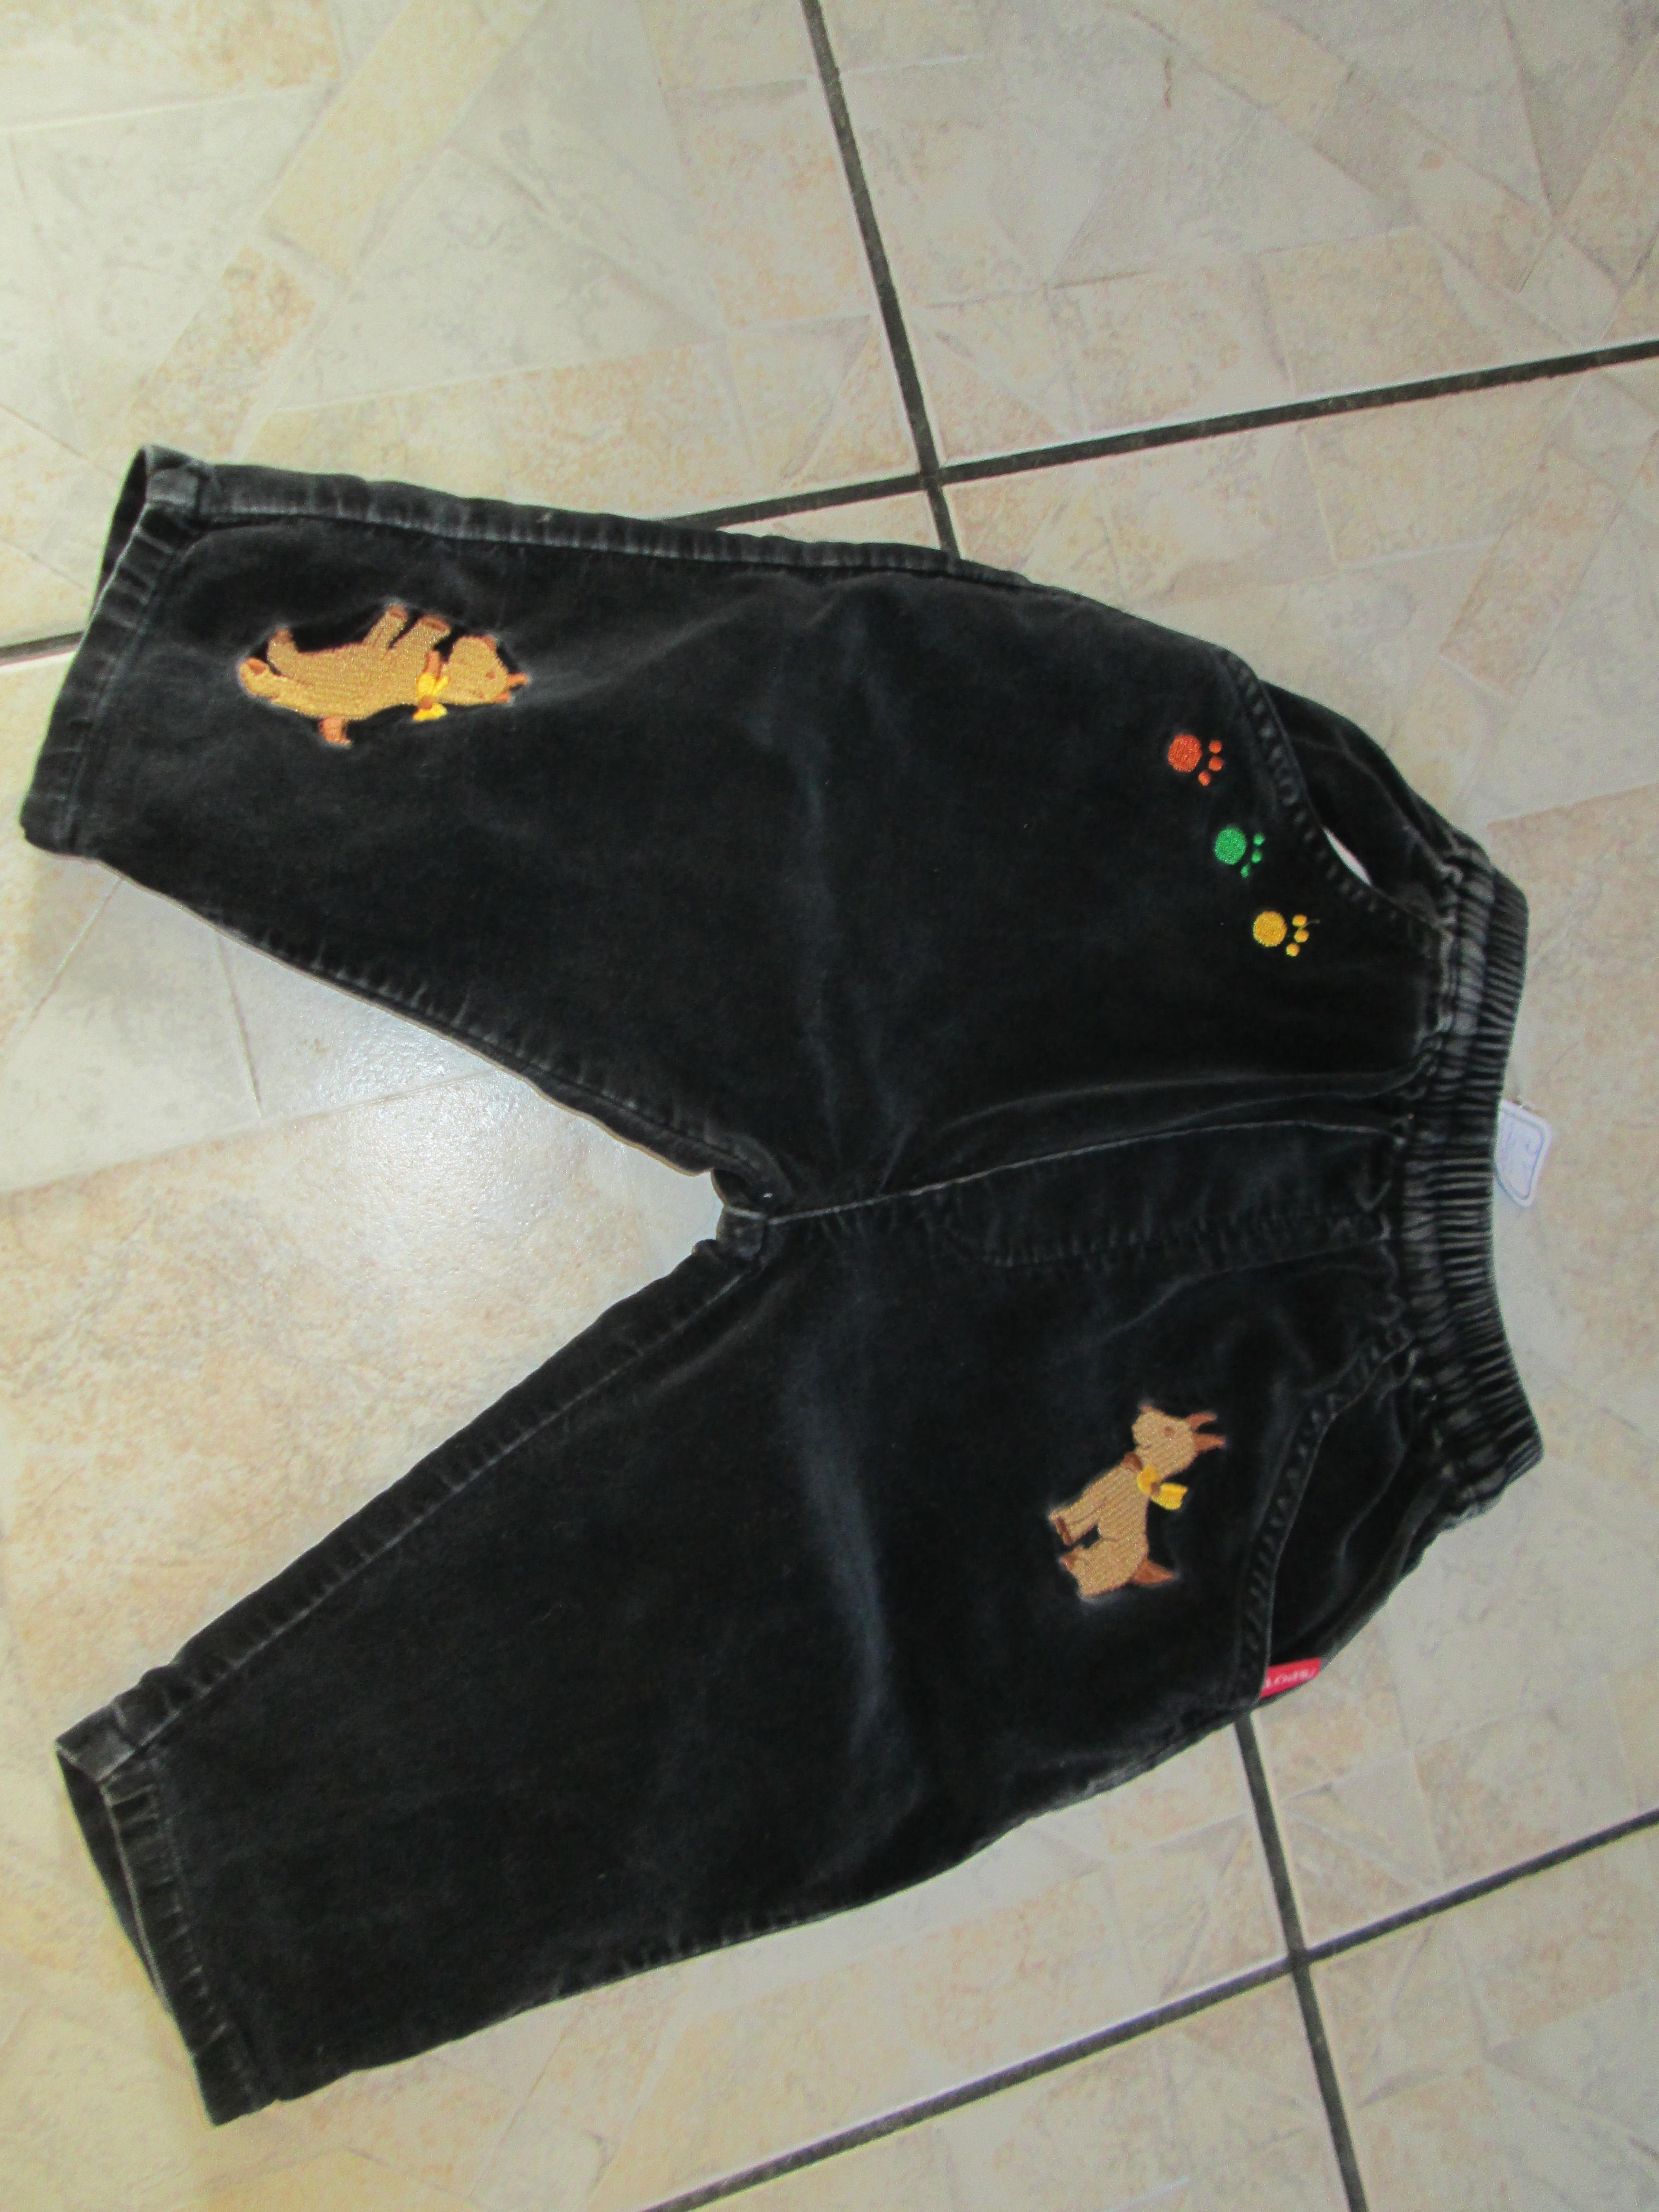 troc de troc pantalon 18 mois     3 noisettes image 0